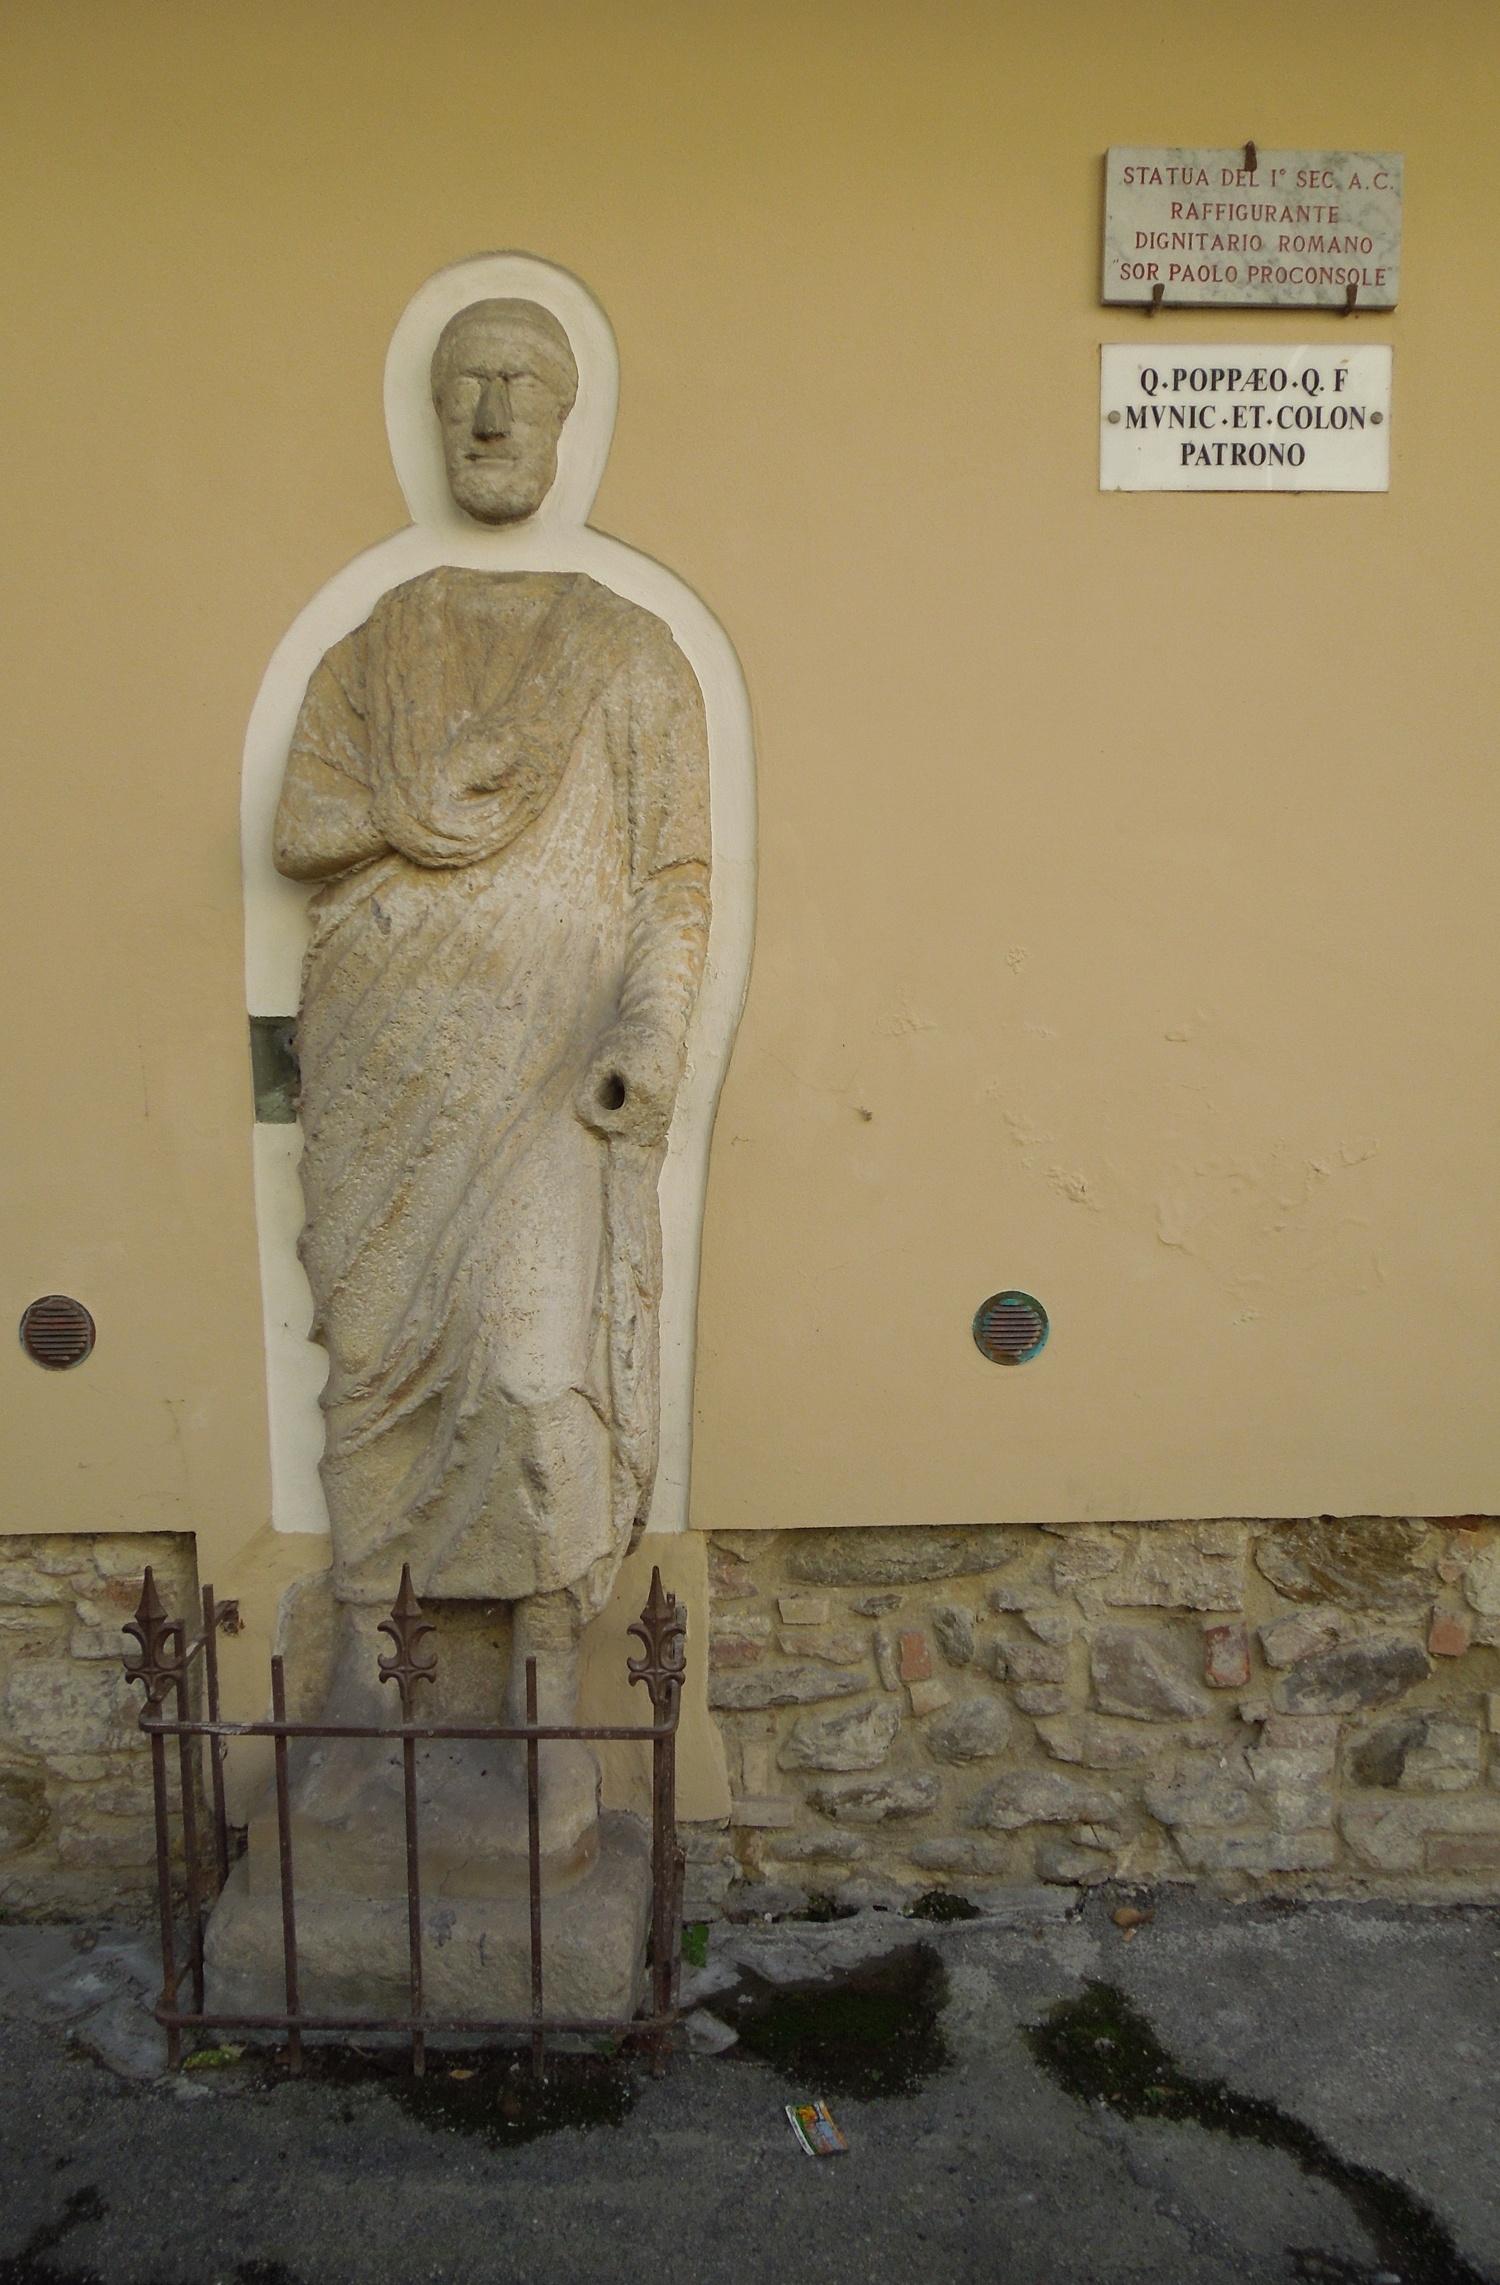 File:statua Di Sor Paolo Proconsole-Dignitario Romano-Teramo  16 10 2015 In Romano